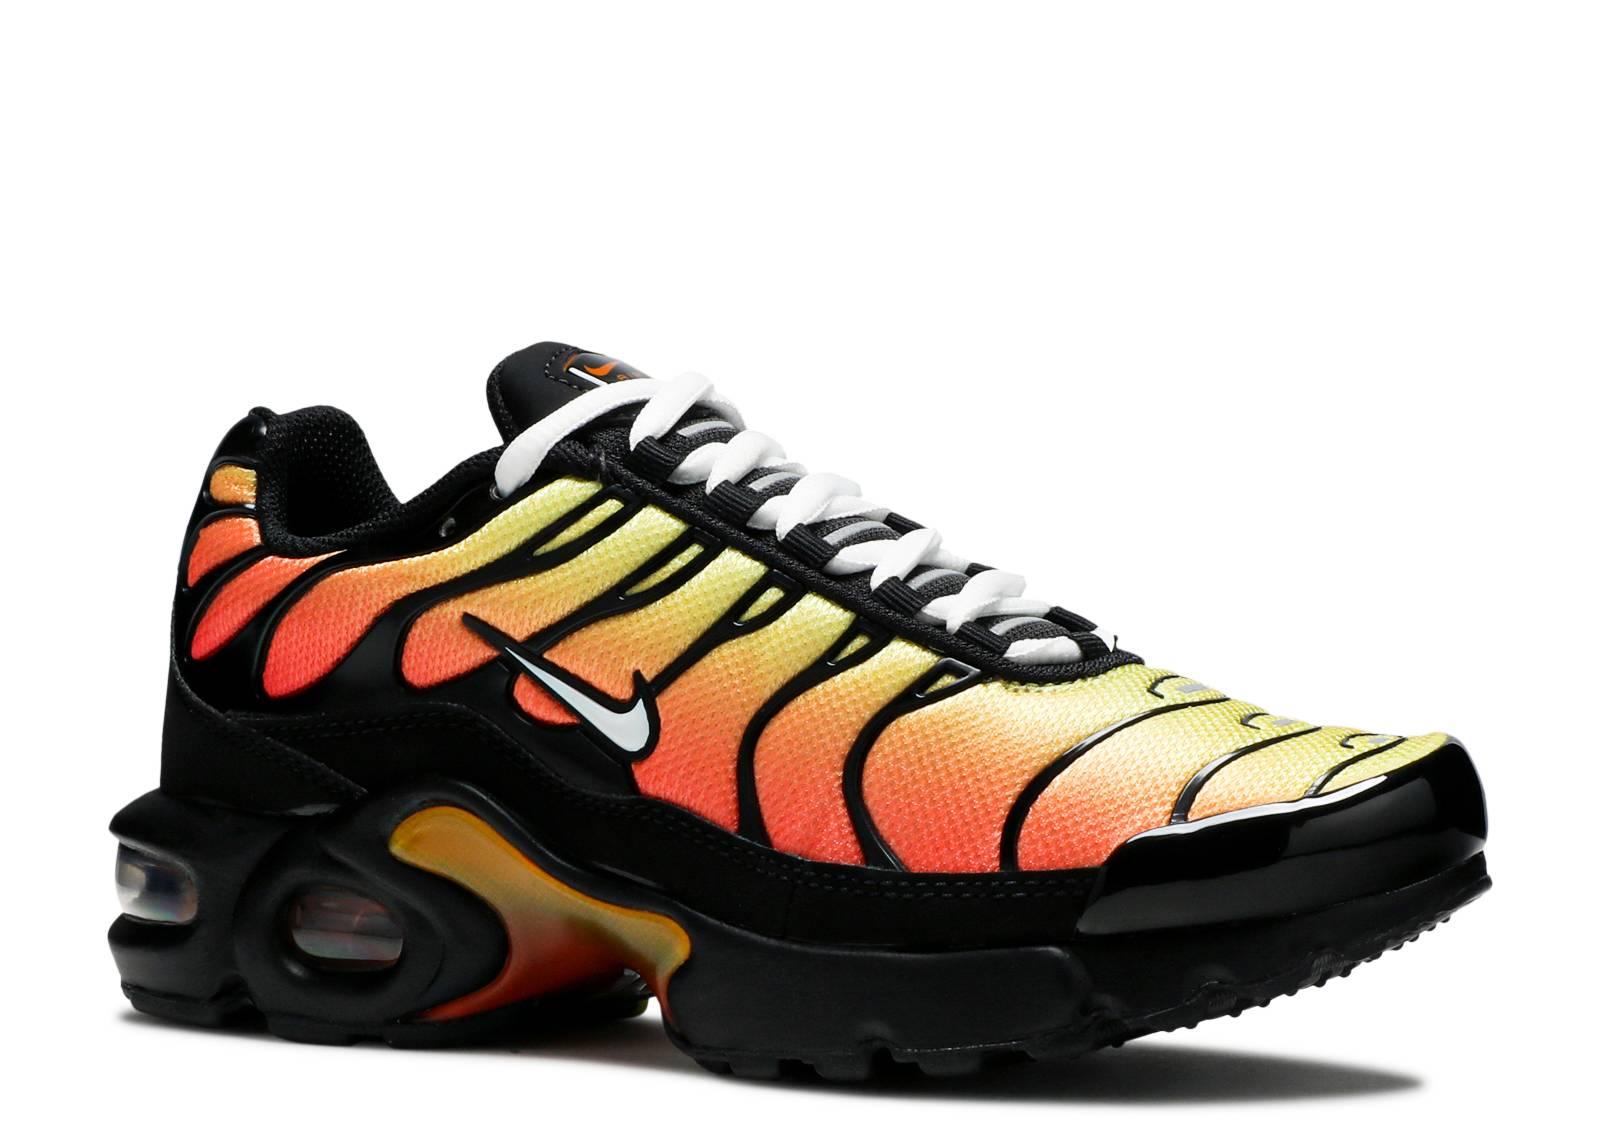 air max plus red and orange